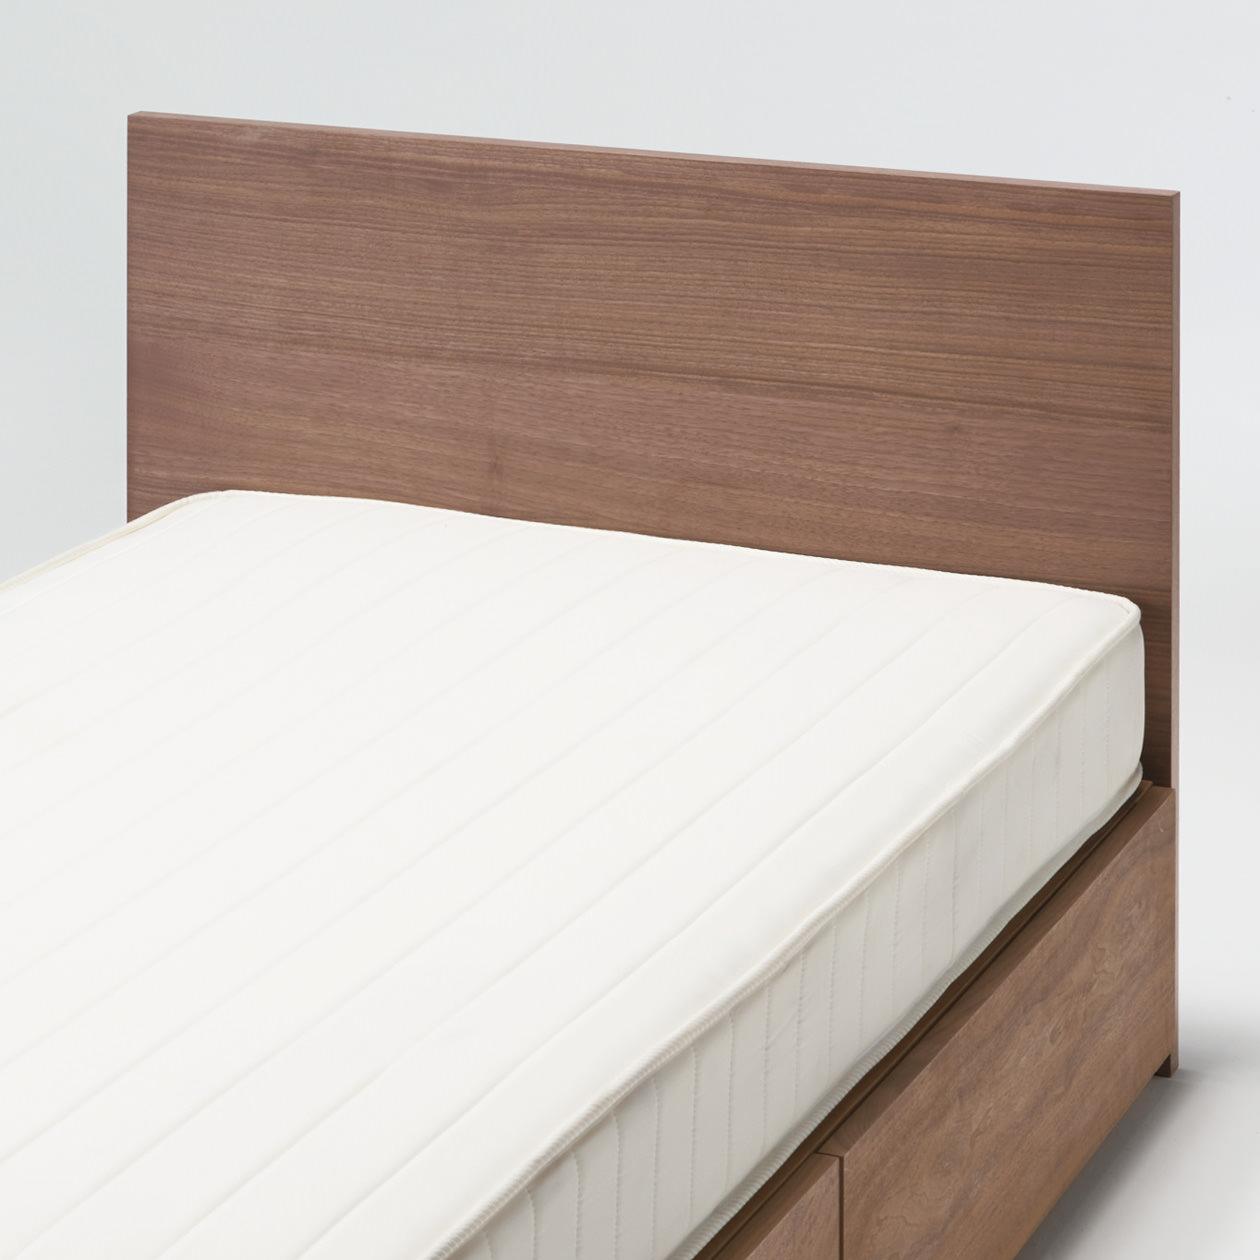 Full Size of Bett Mit Aufbewahrung Ikea Malm Aufbau 100x200 120x200 180x200 Anleitung 200x200 160x200 Stauraum Kopfteil Walnuss Single Muji Online Feng Shui Coole Betten Bett Bett Mit Aufbewahrung